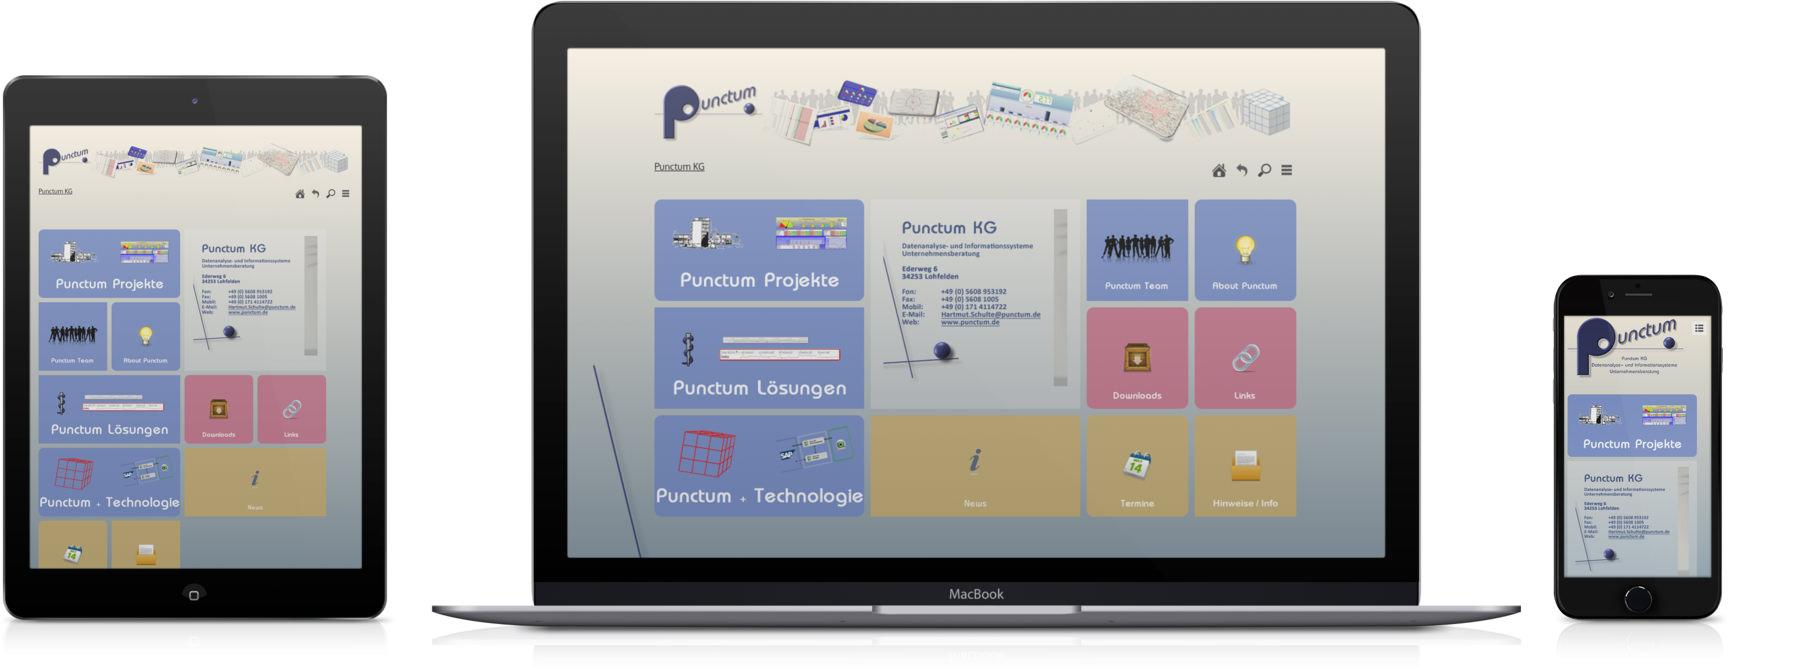 Punctum.de geöffnet auf Smartphone, Desktop und Tablet